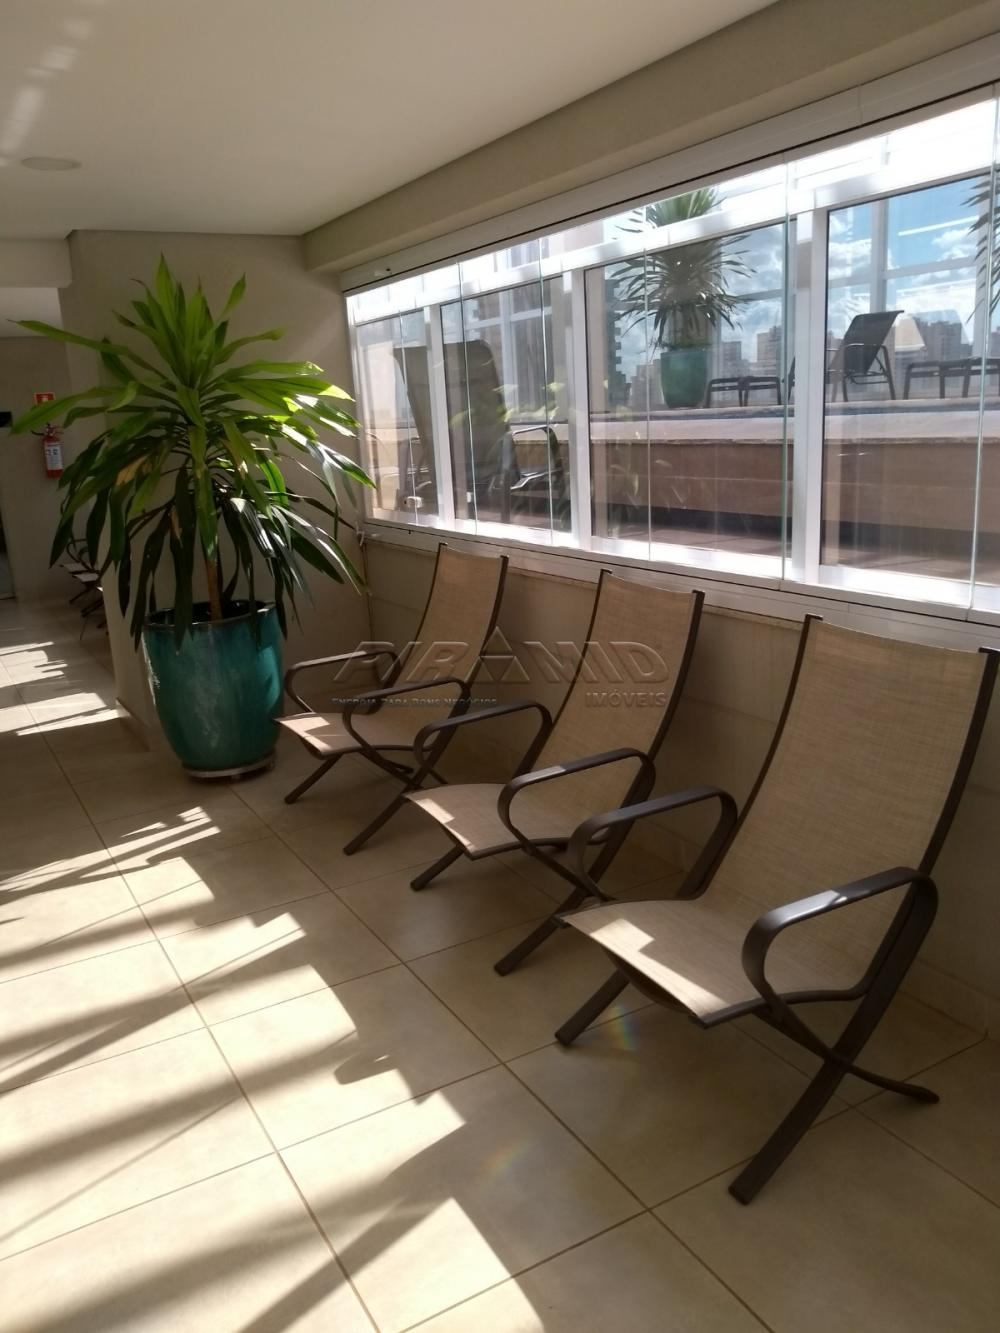 Alugar Apartamento / Padrão em Ribeirão Preto R$ 1.700,00 - Foto 48